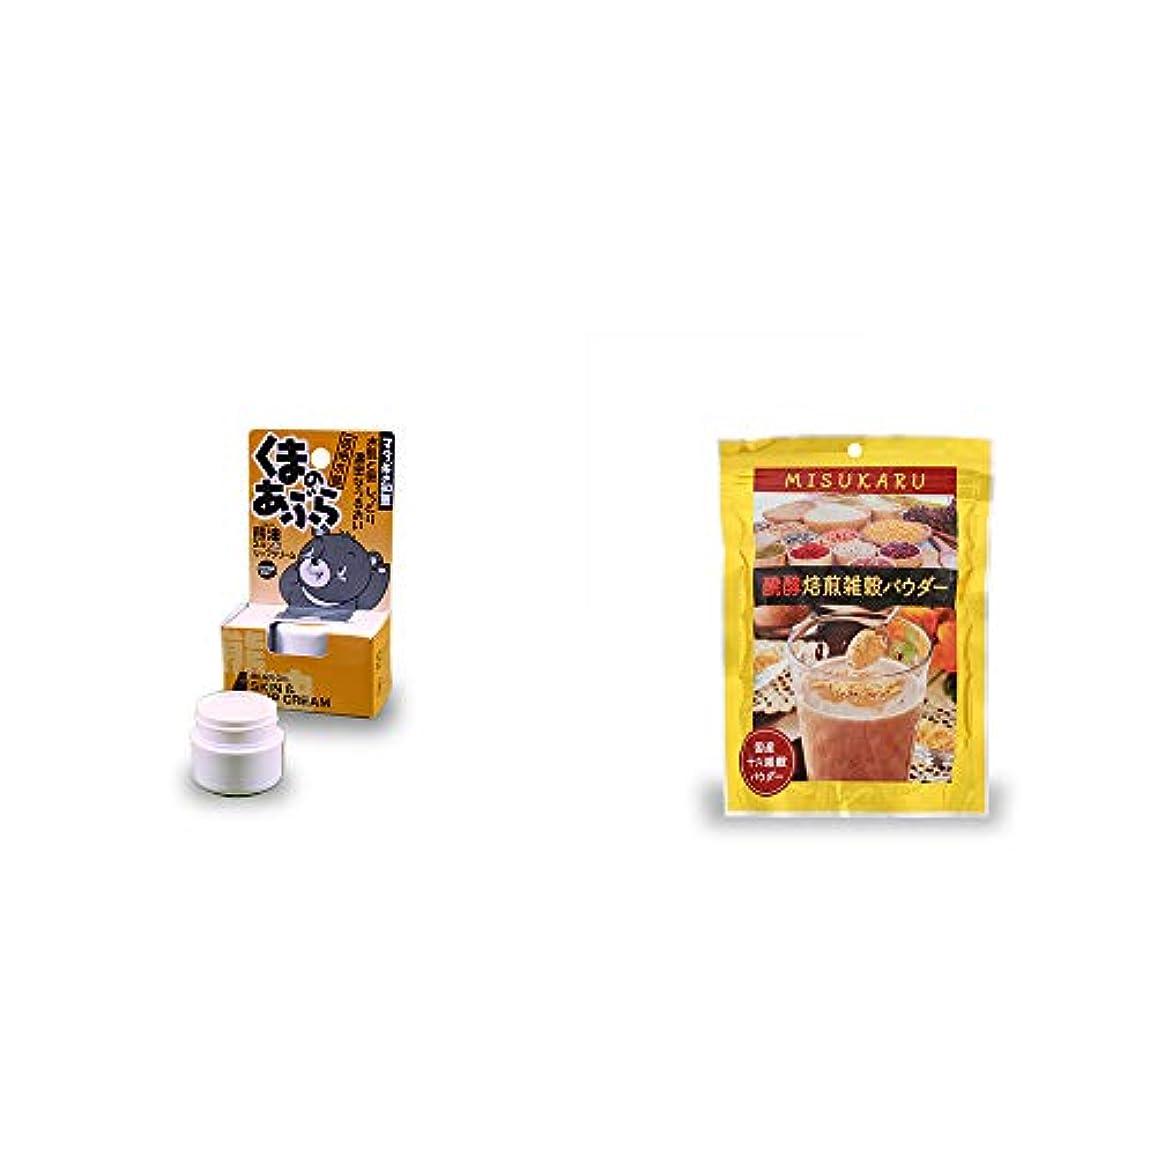 つづり死にかけているいらいらする[2点セット] 信州木曽 くまのあぶら 熊油スキン&リップクリーム(9g)?醗酵焙煎雑穀パウダー MISUKARU(ミスカル)(200g)